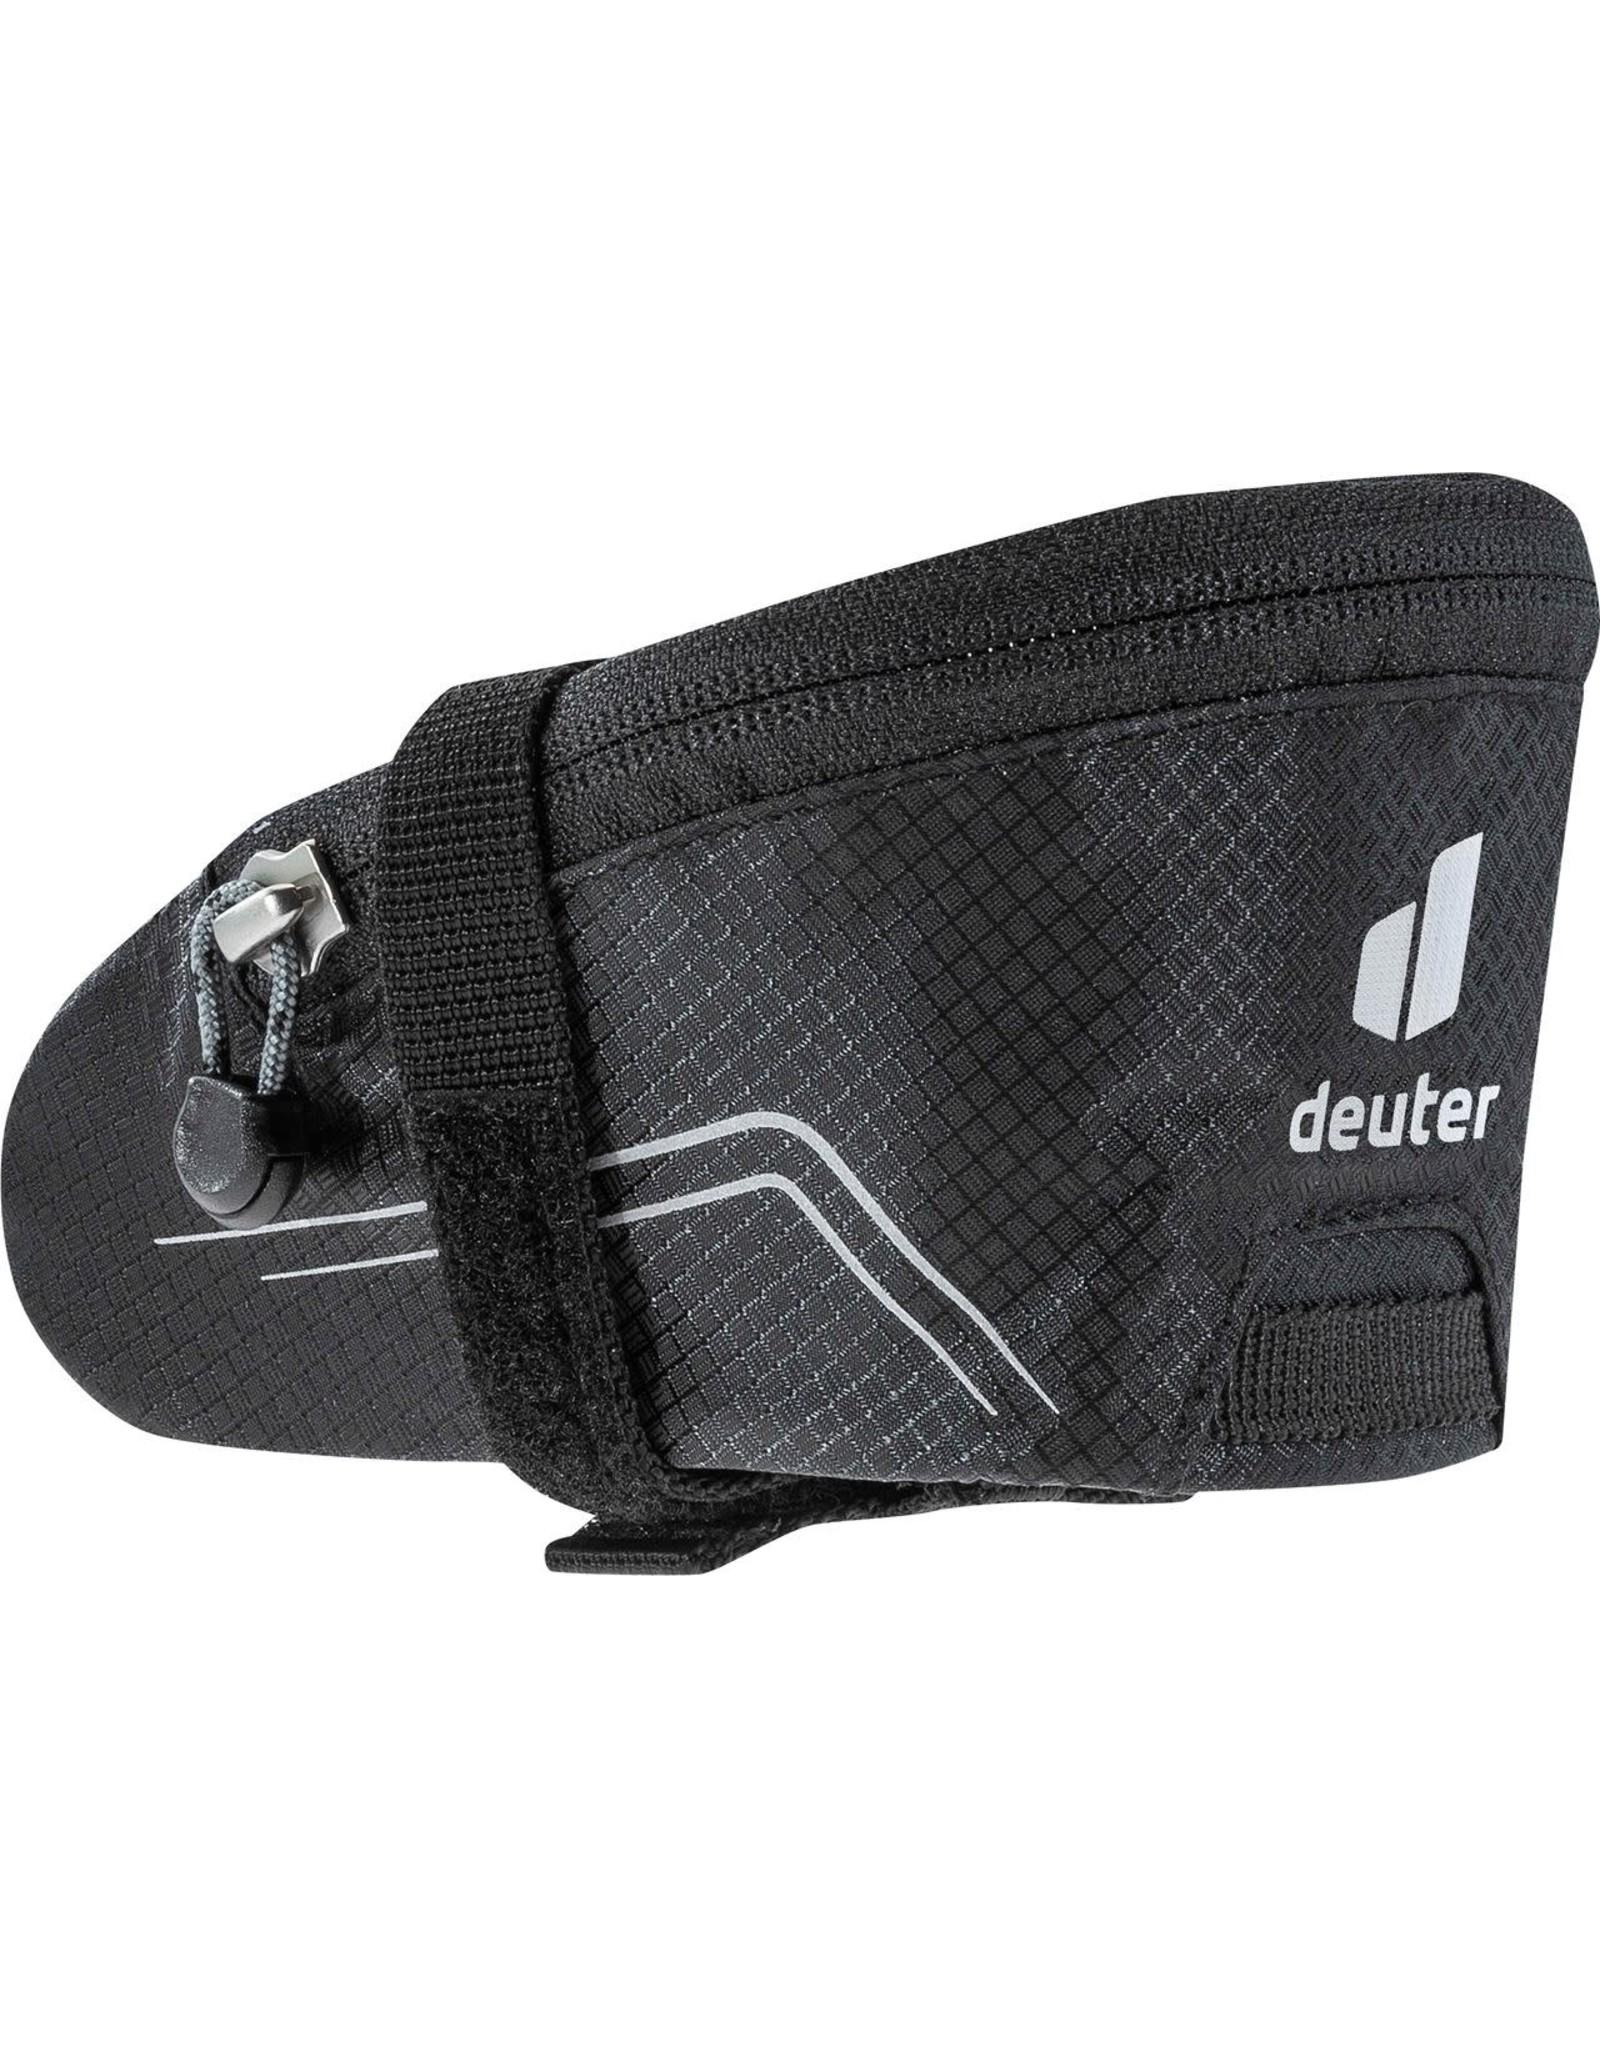 Deuter Packs BIKE BAG RACE 1